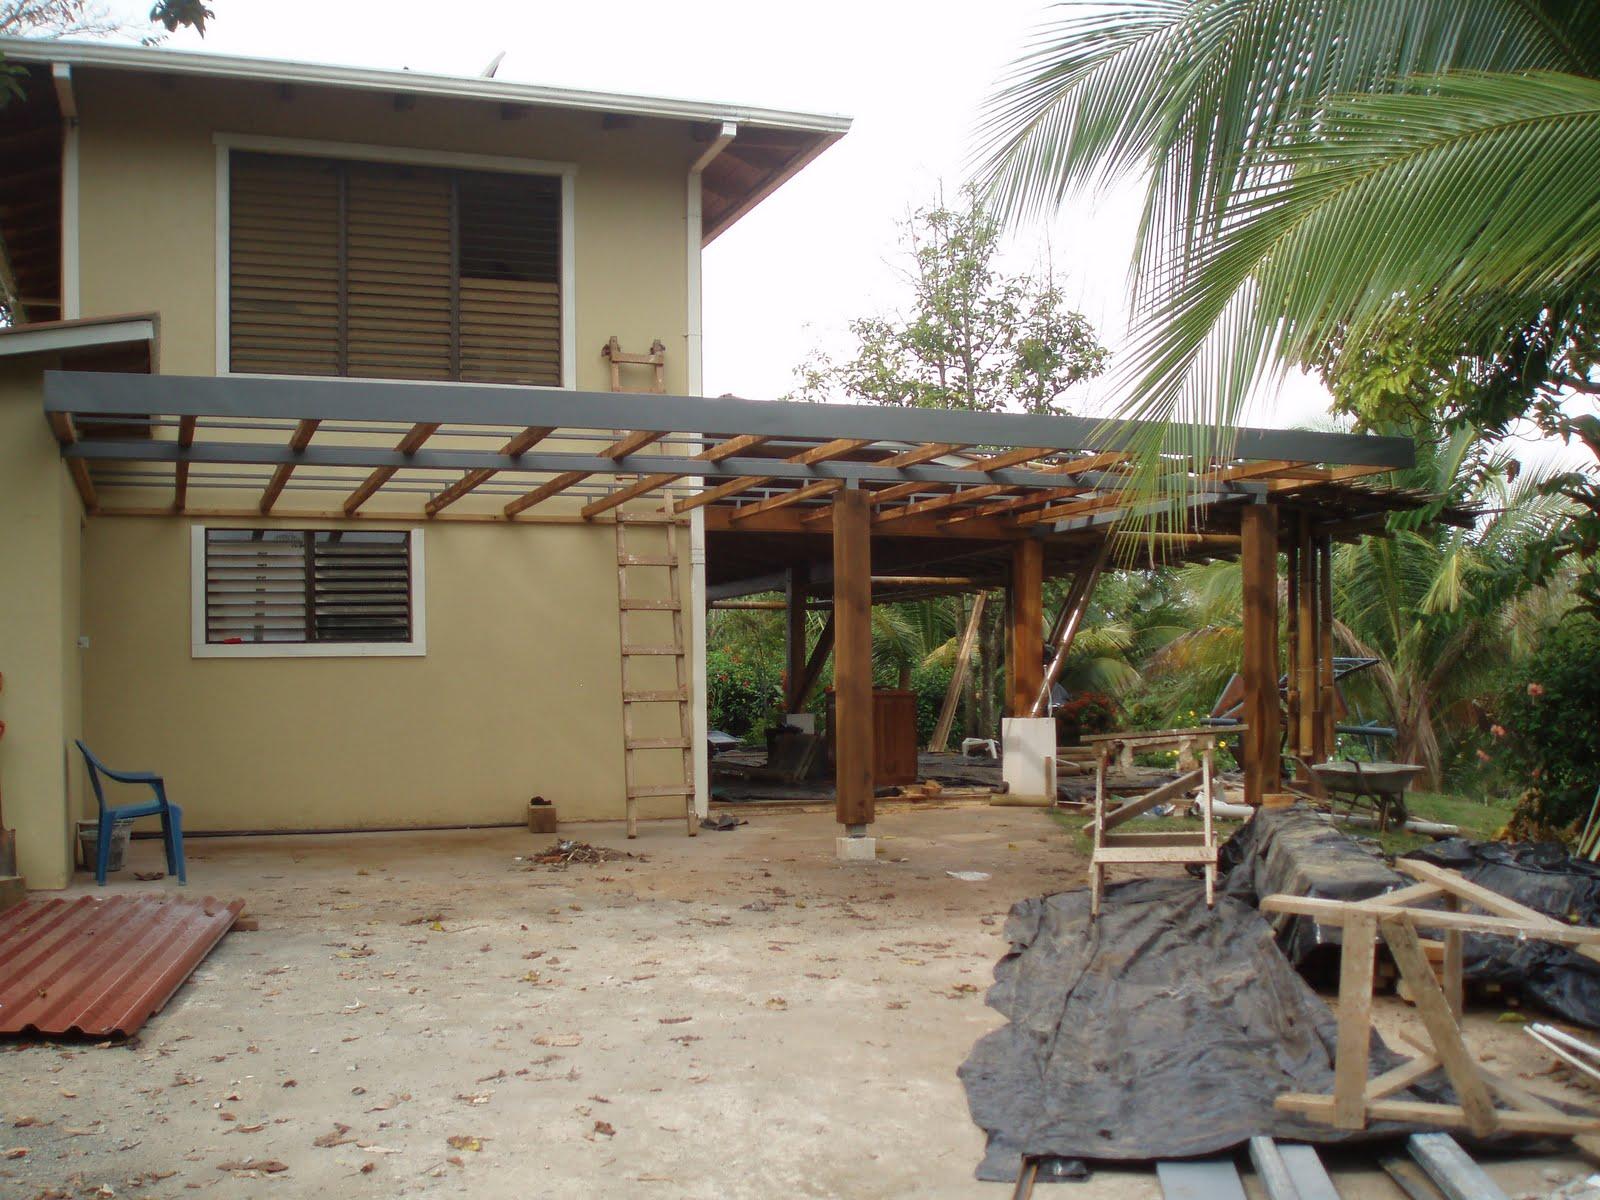 Marc tienne arquitectura for Diseno casas prefabricadas costa rica